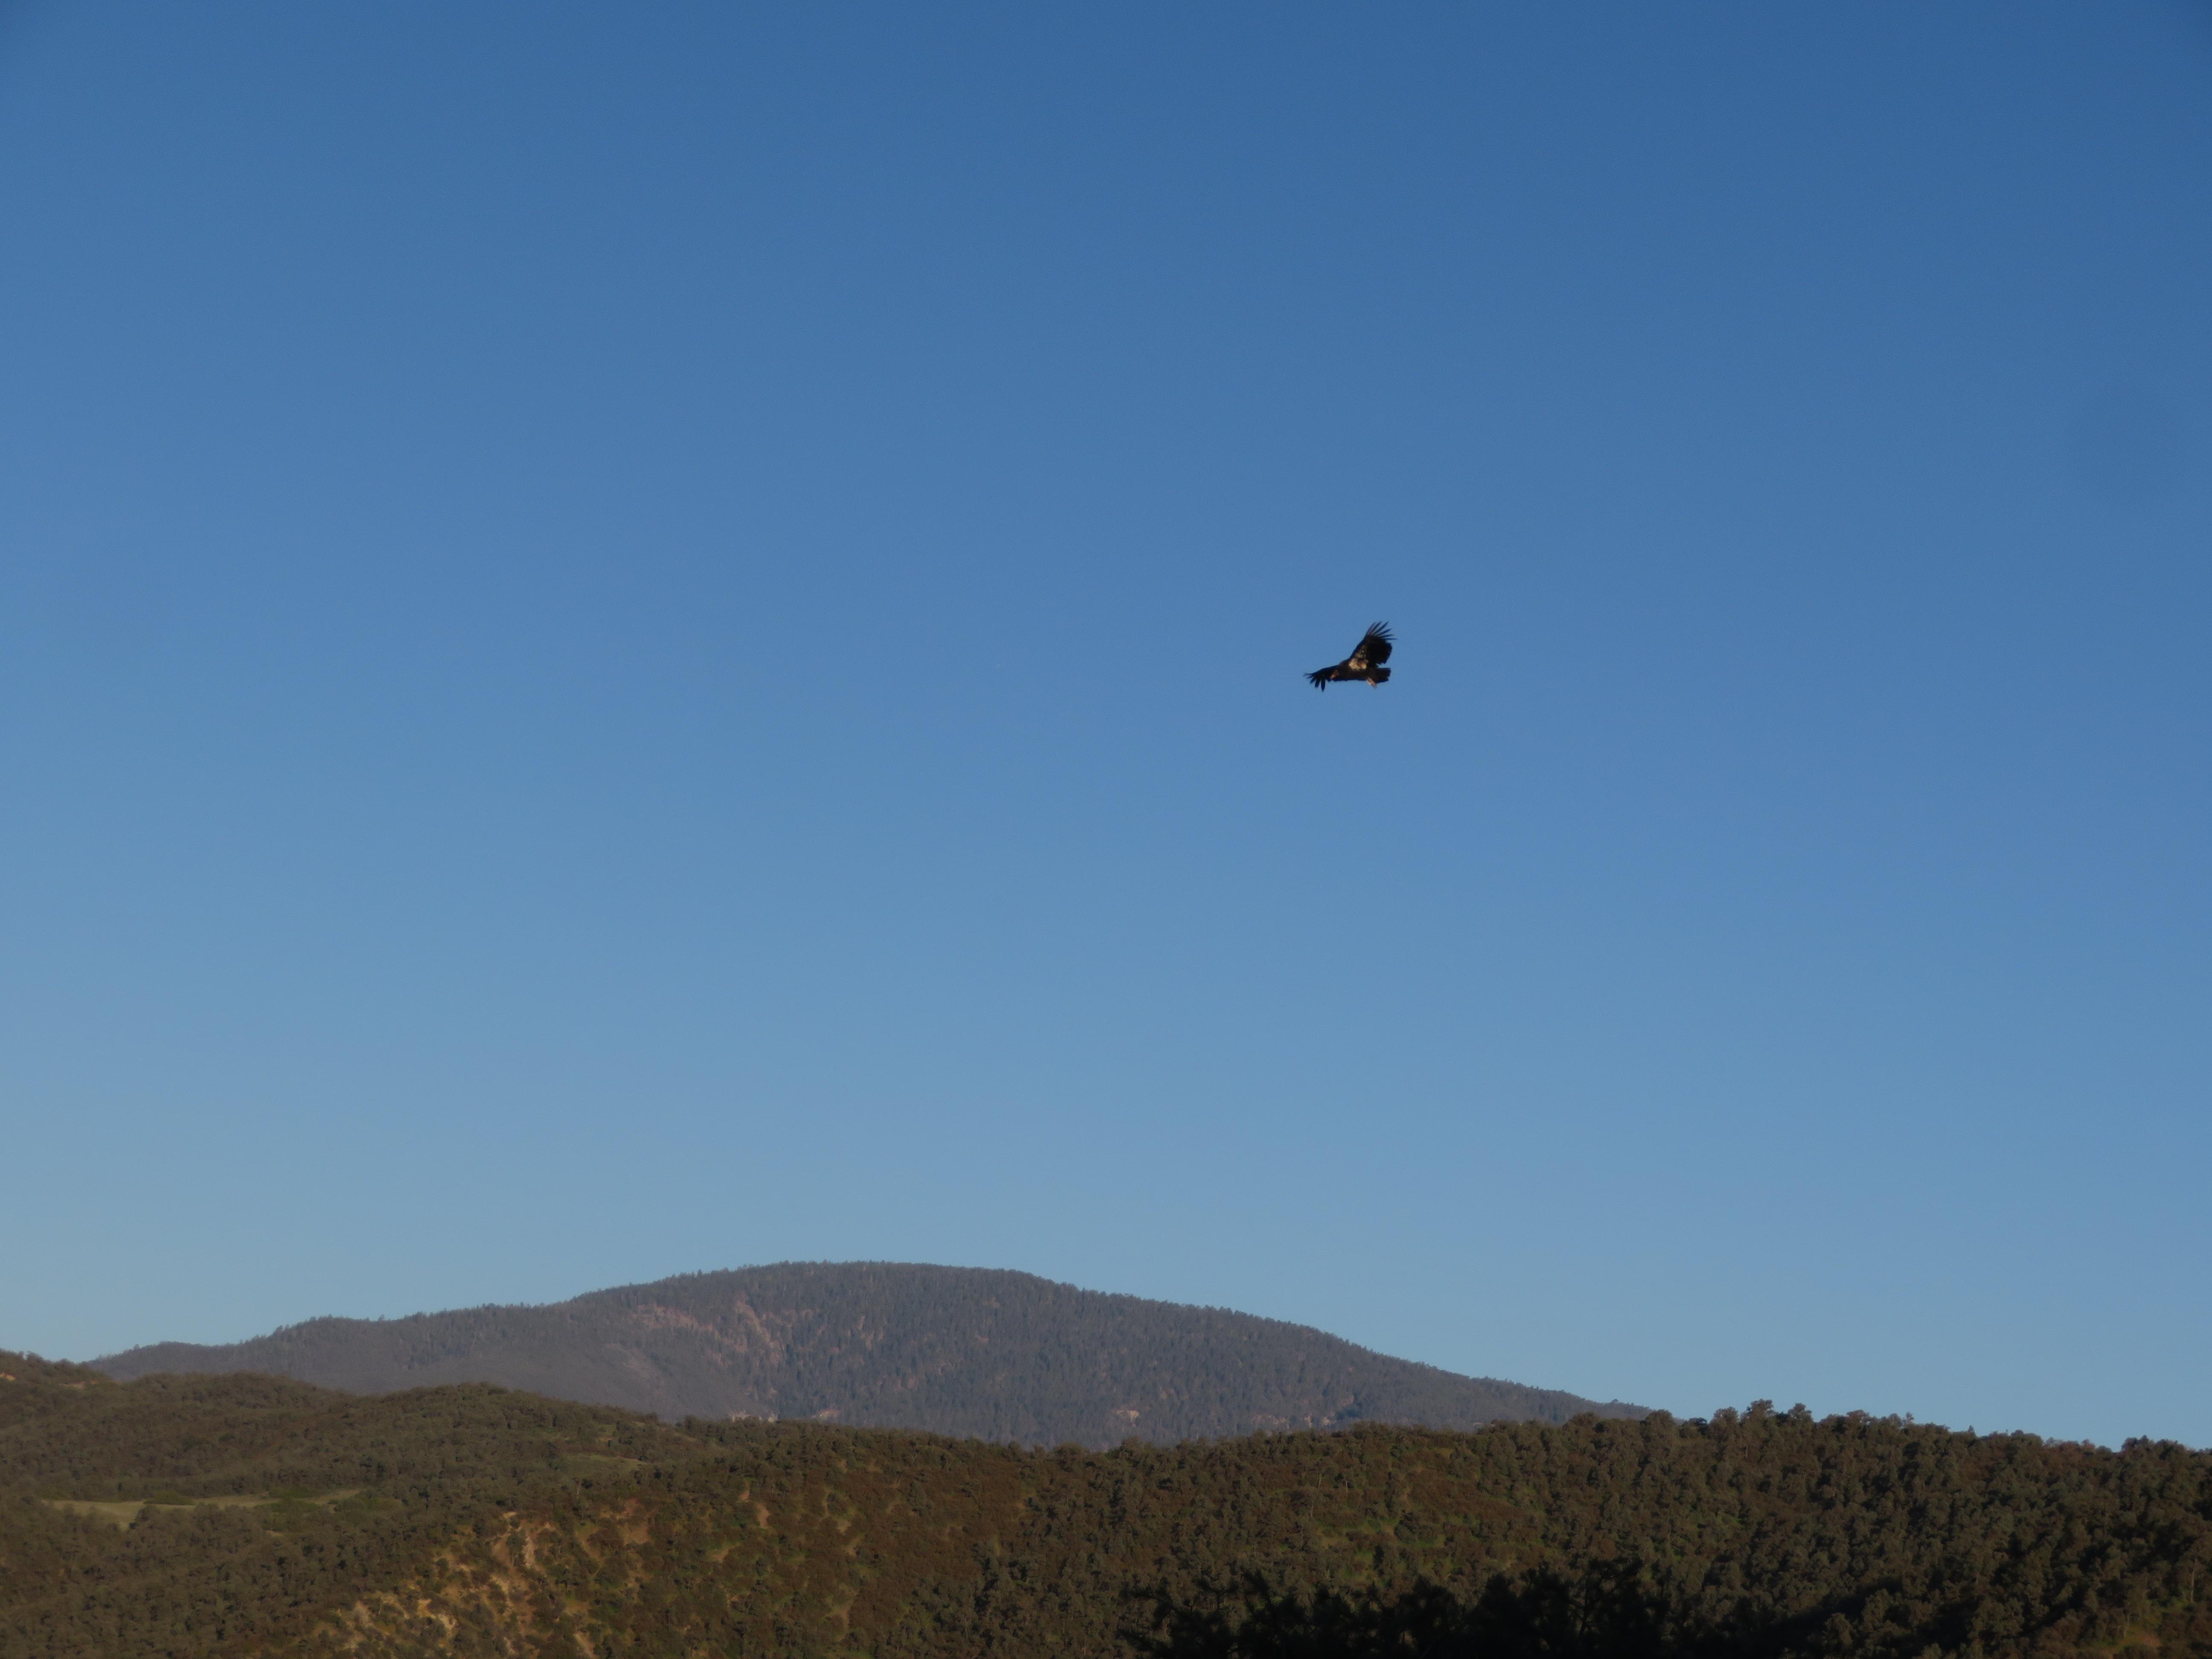 High-fling Condor